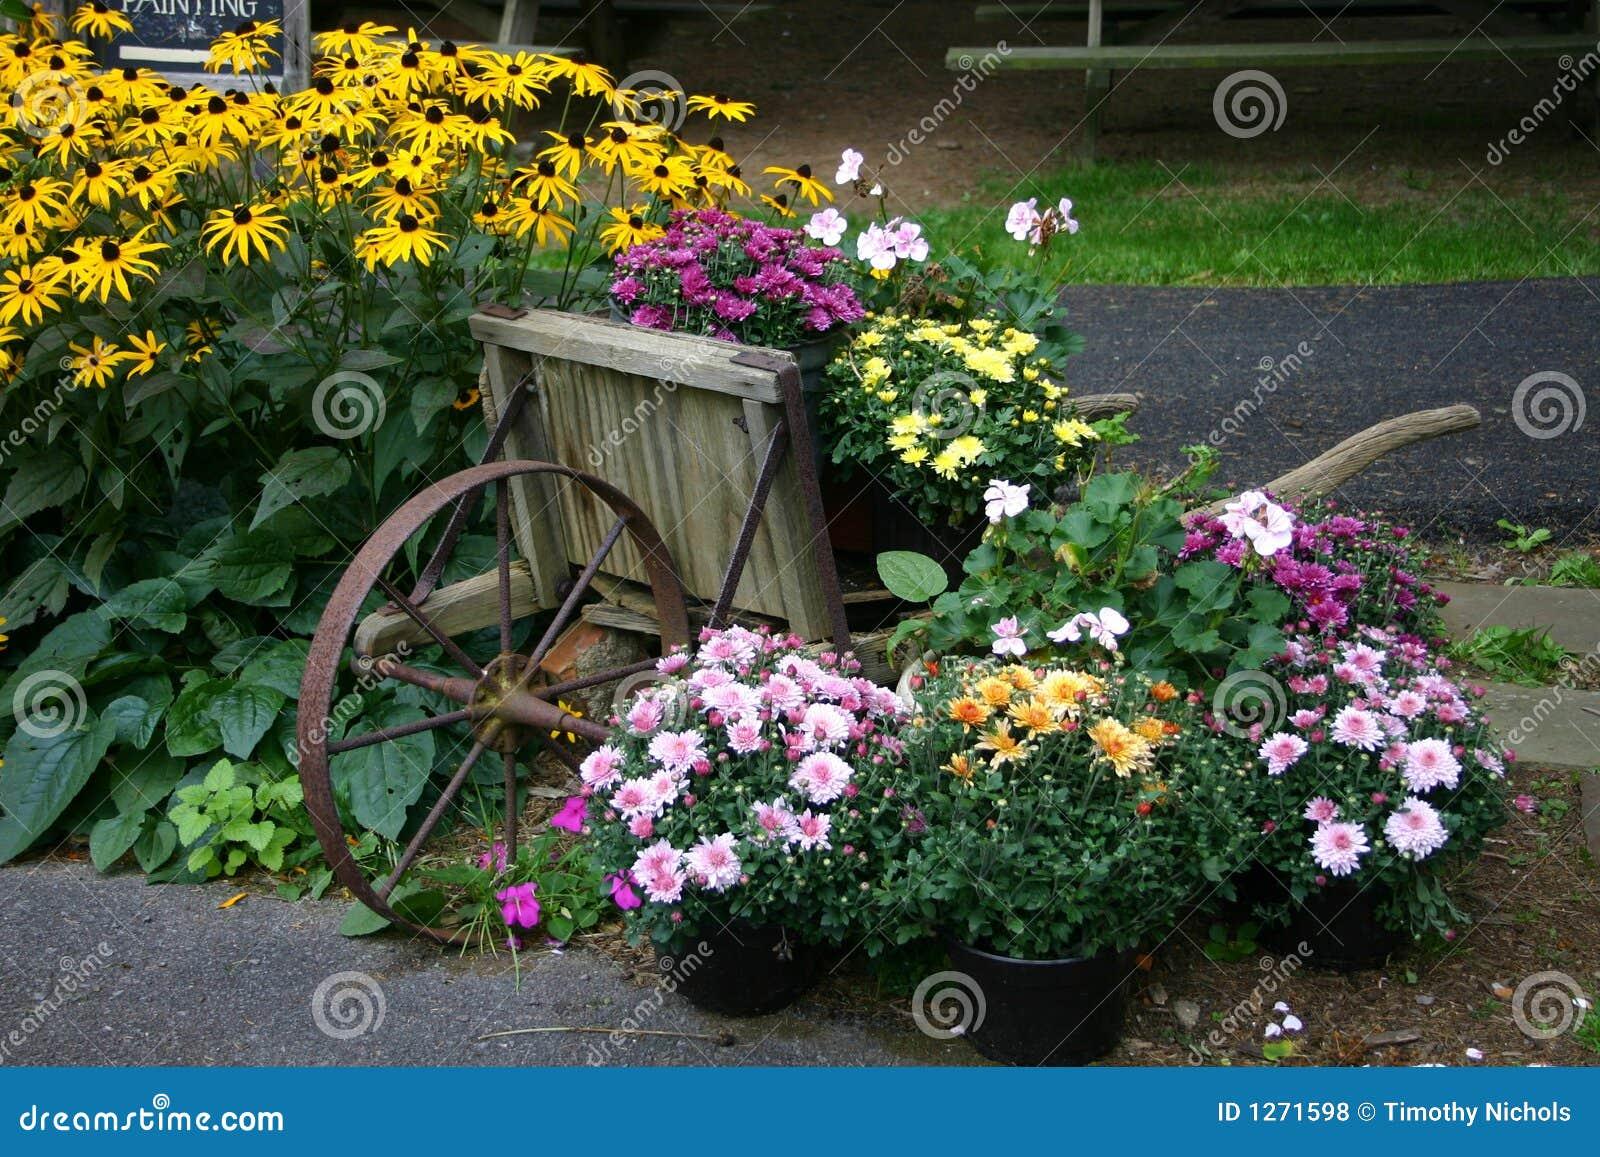 Superior Visualizzazione Del Giardino Di Fiore Con La Carriola